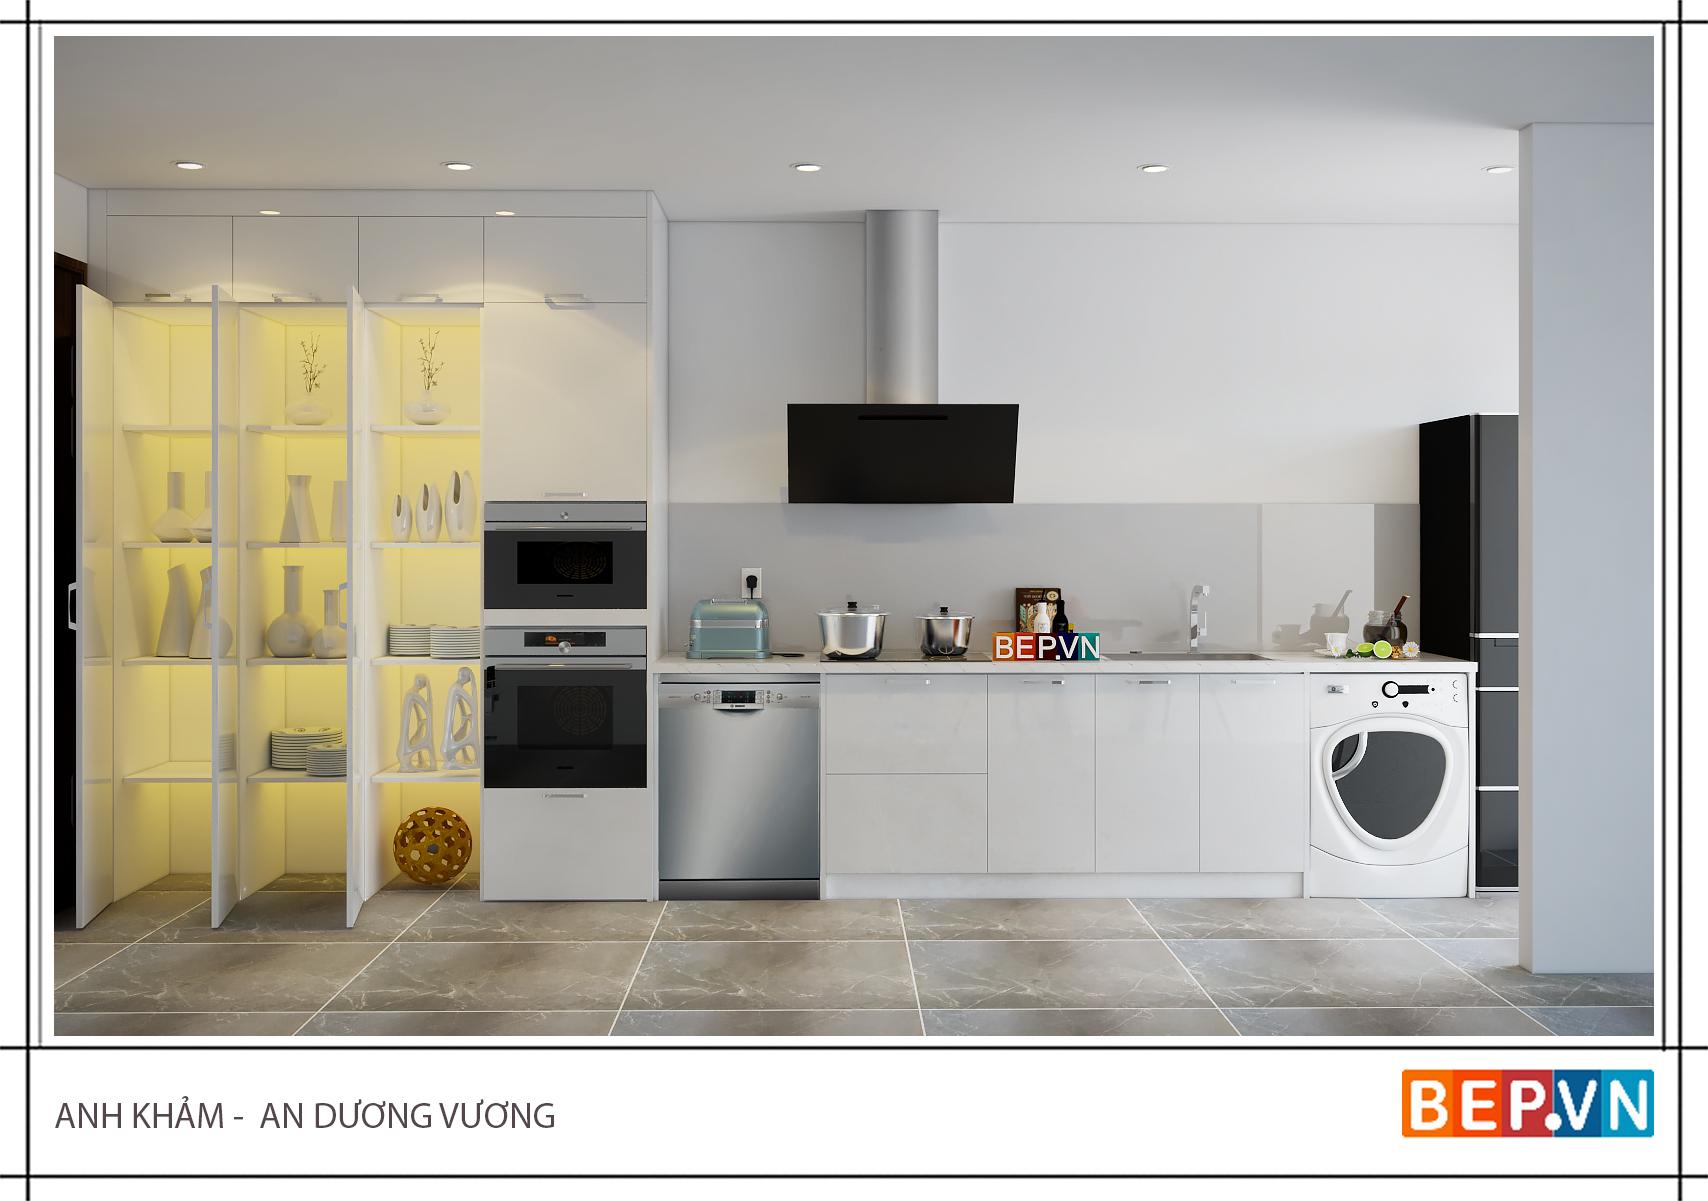 Những vấn đề cần lưu ý trong thiết kế nội thất